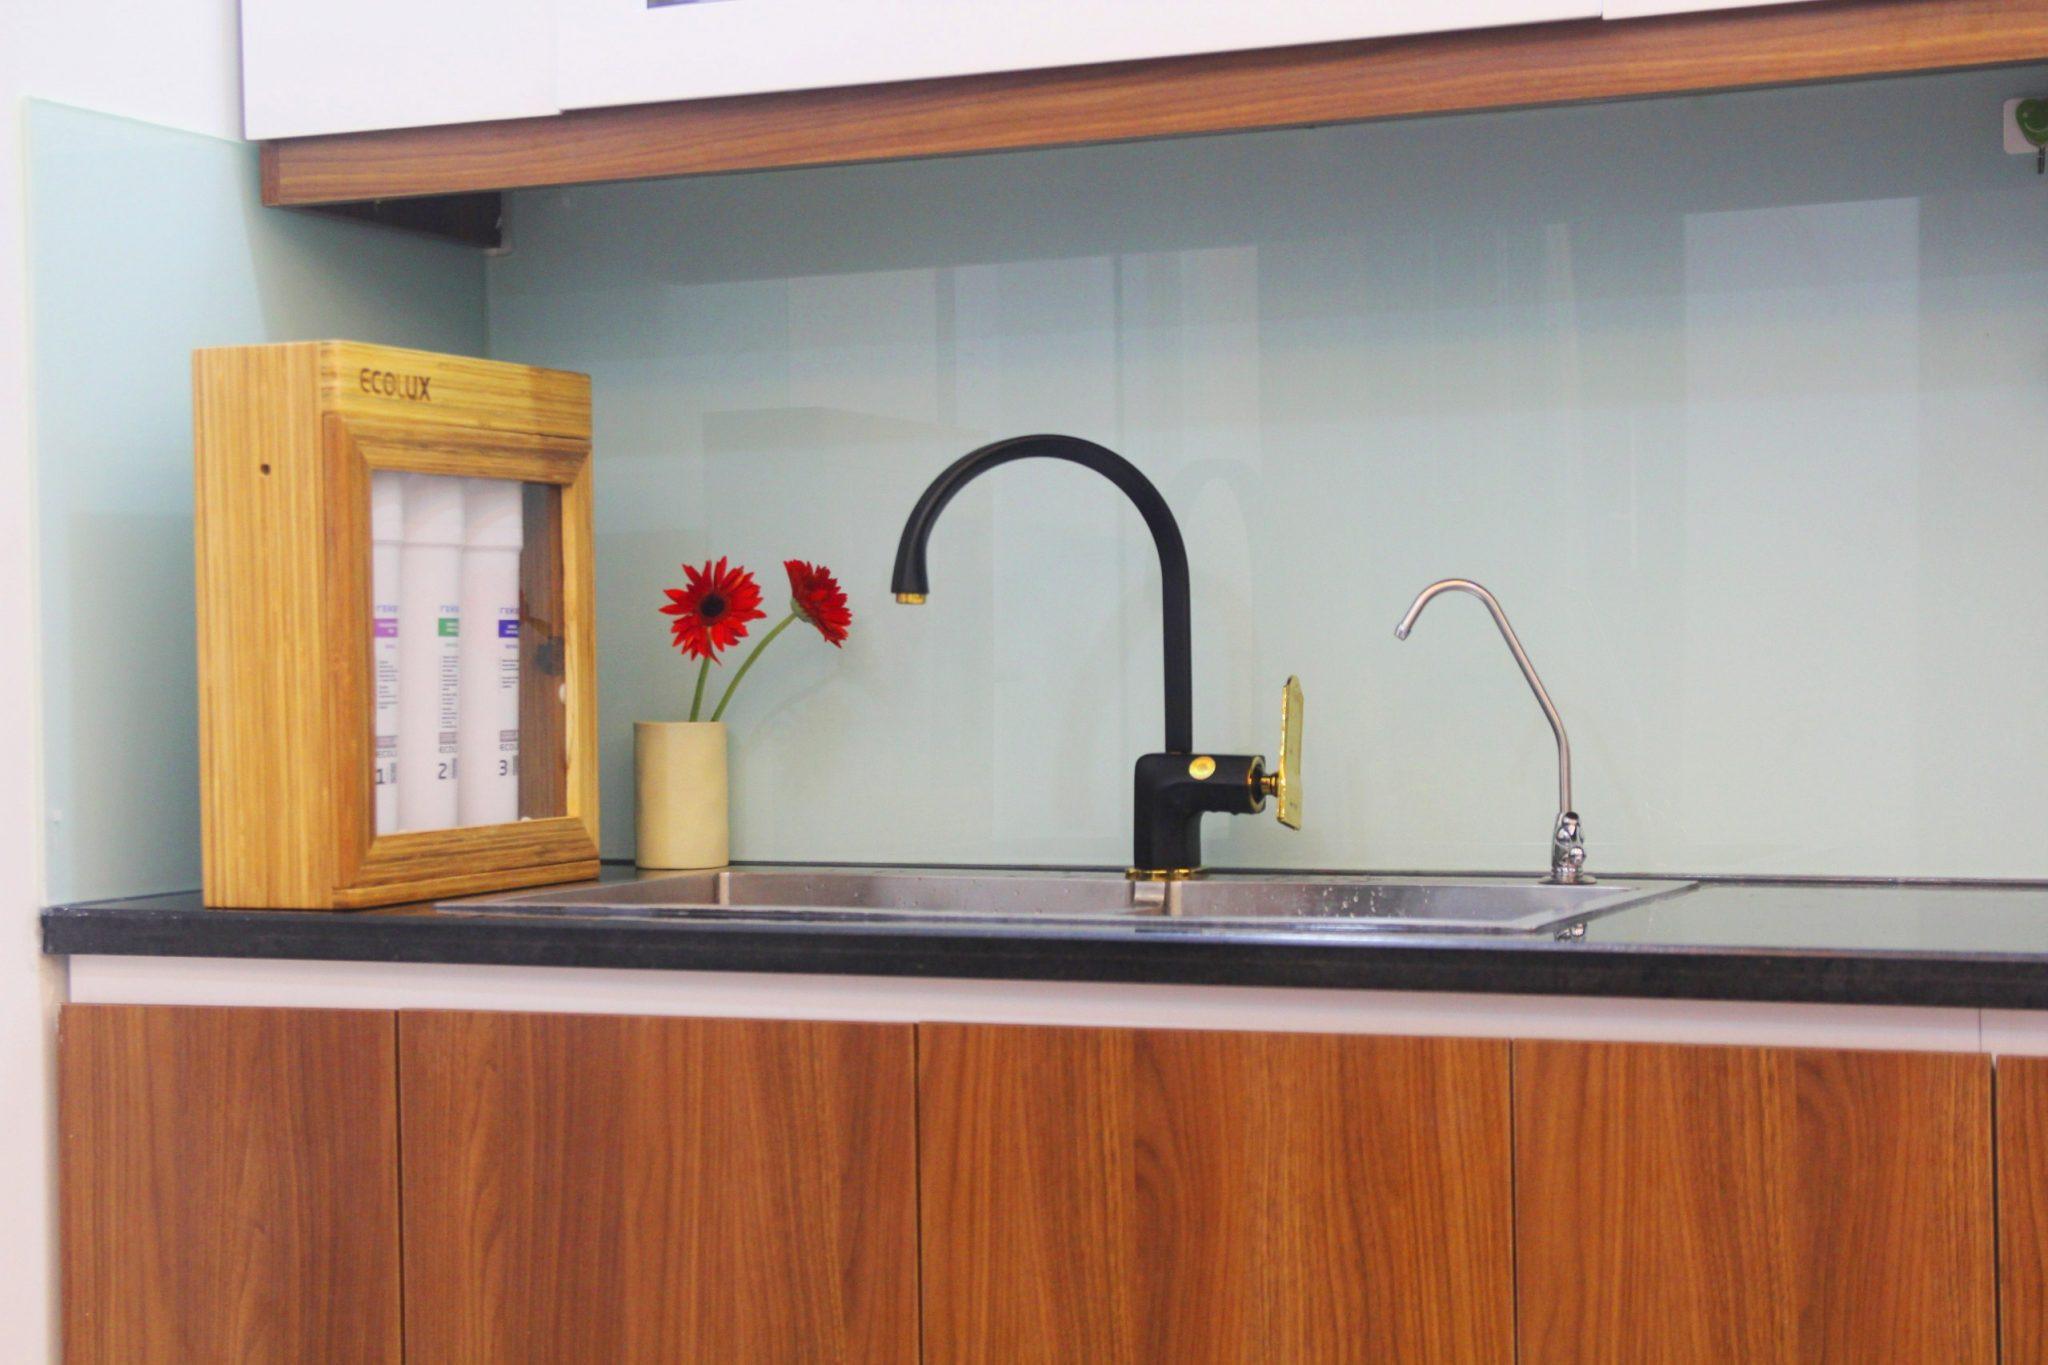 Máy lọc nước Geyser Ecolux giúp không gian gia đình sang trọng, lịch sự